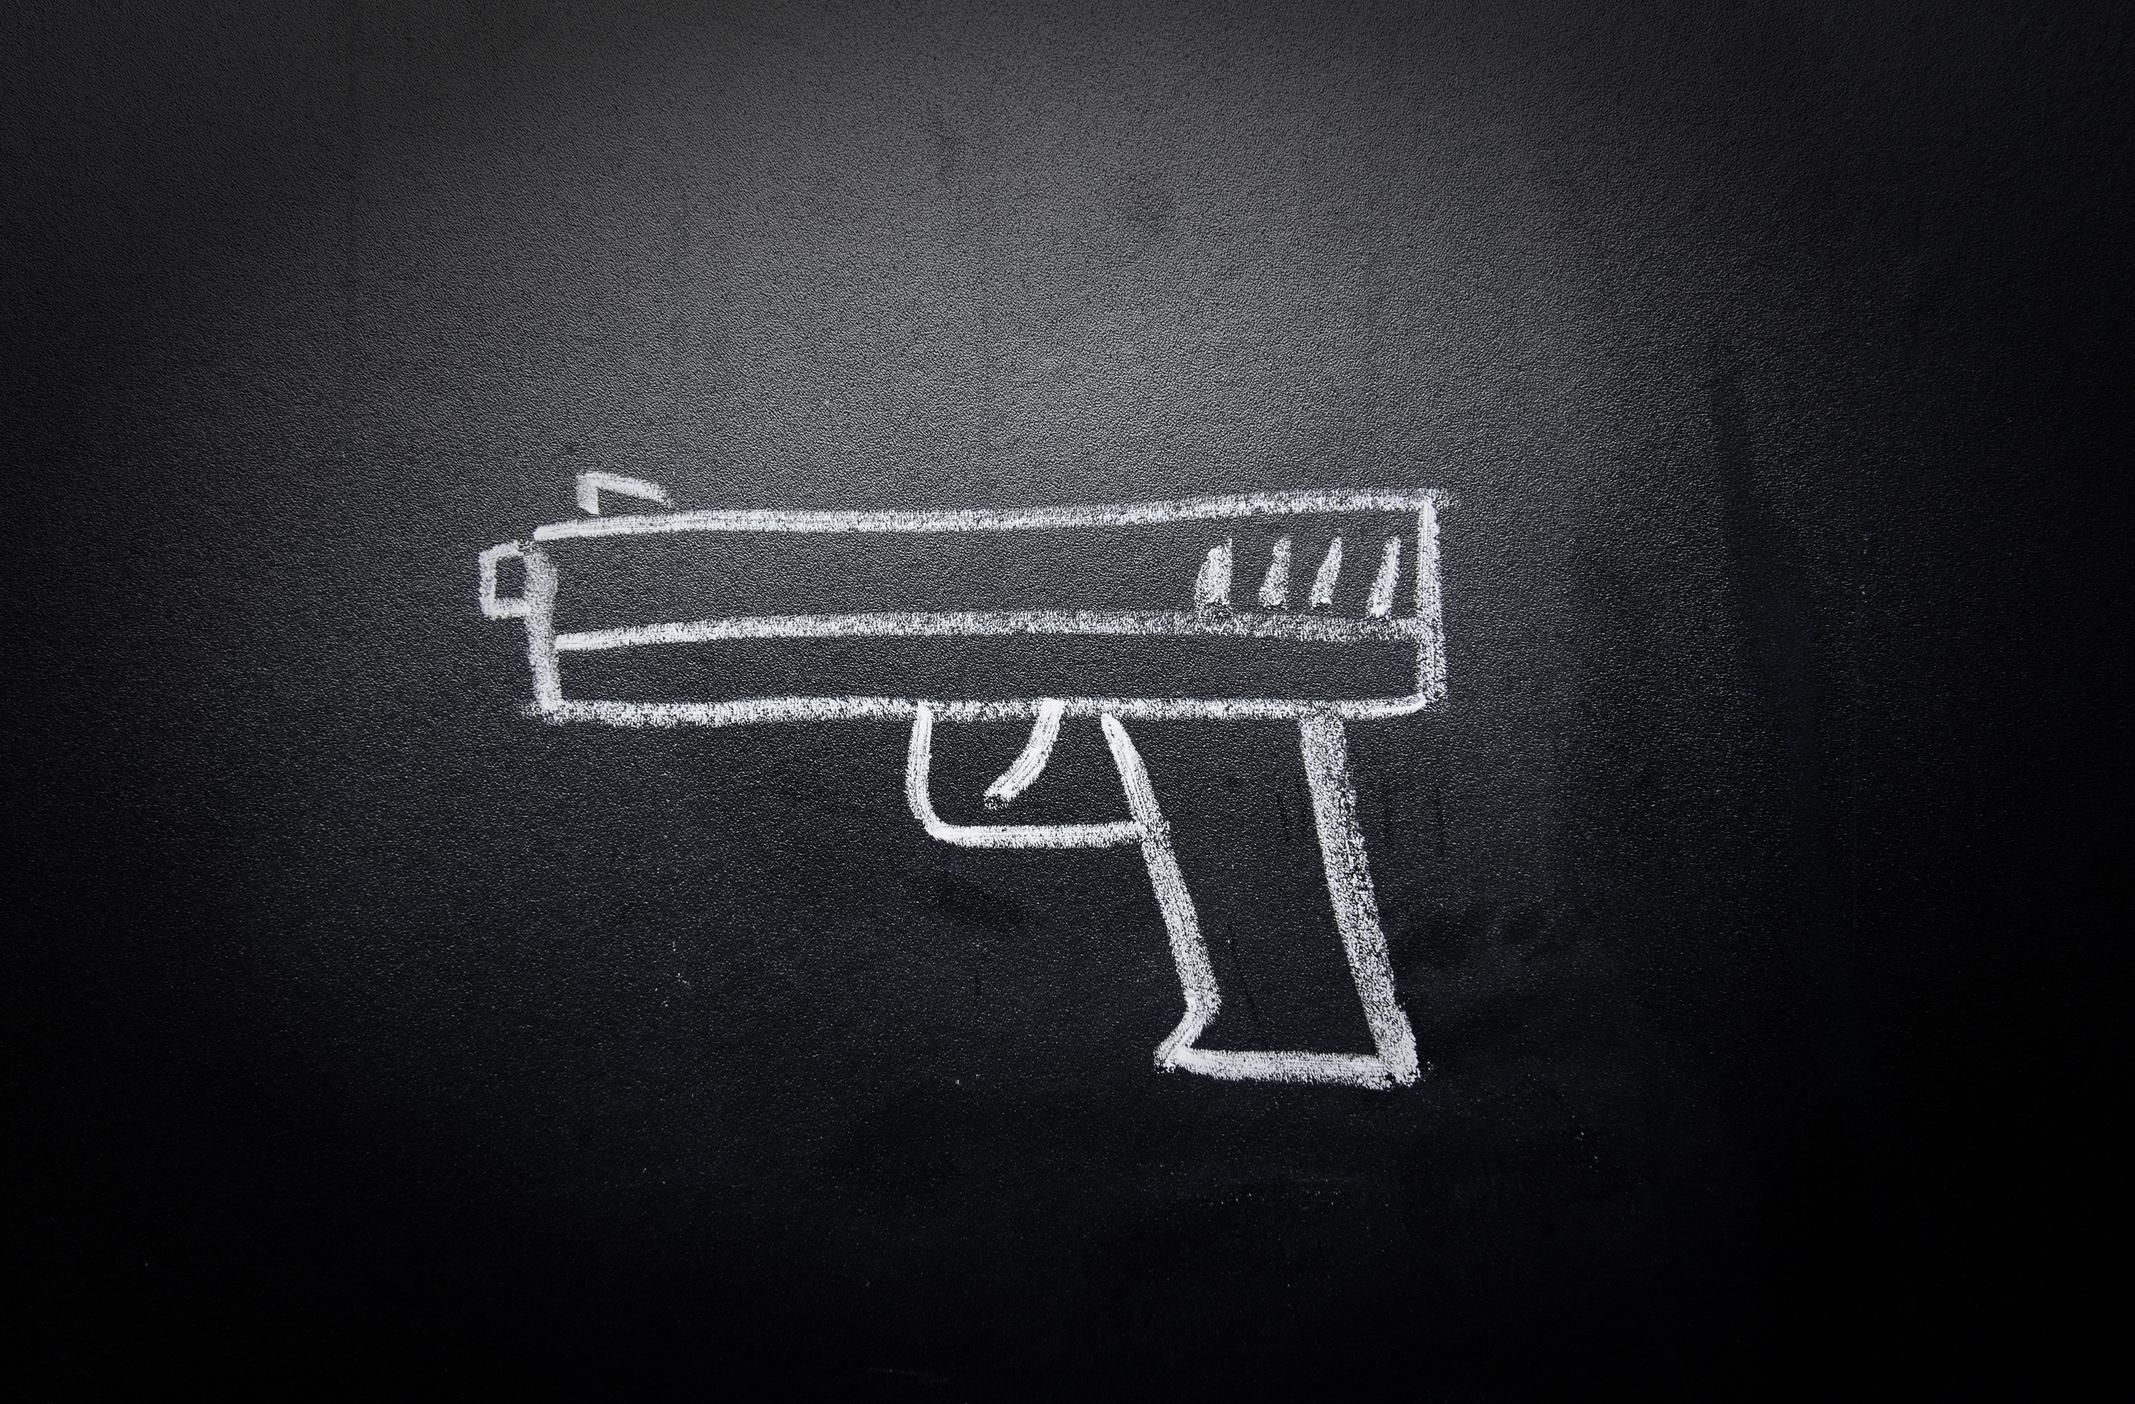 Weapon drawn on blackboard. Image credit: iStock